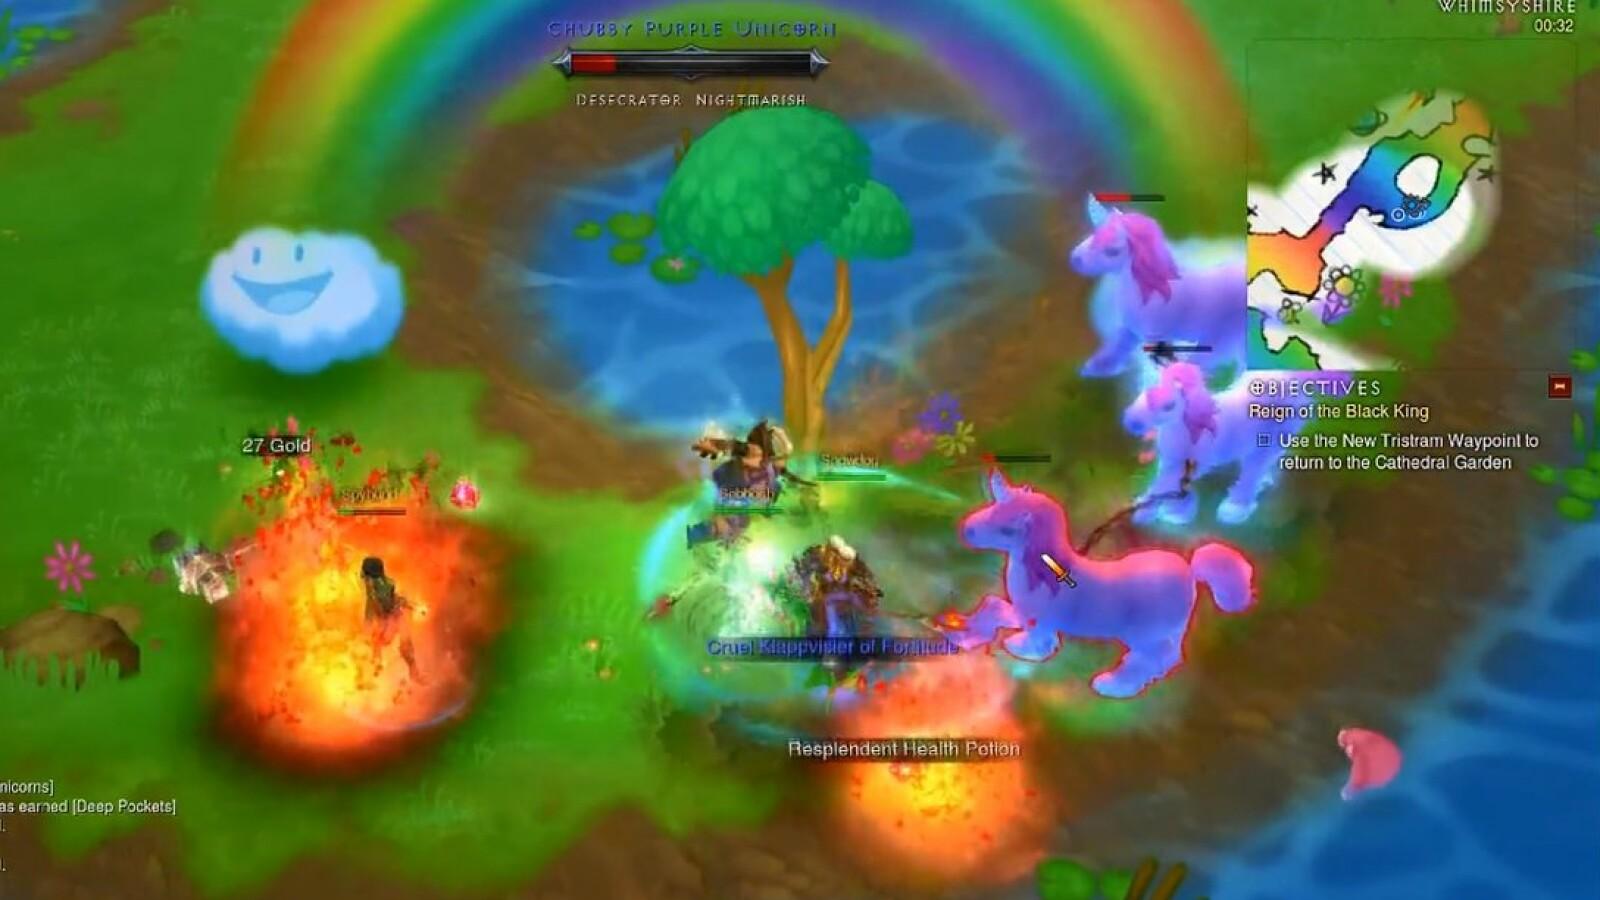 Diablo 3: Hirtenstab herstellen und Ponylevel betreten